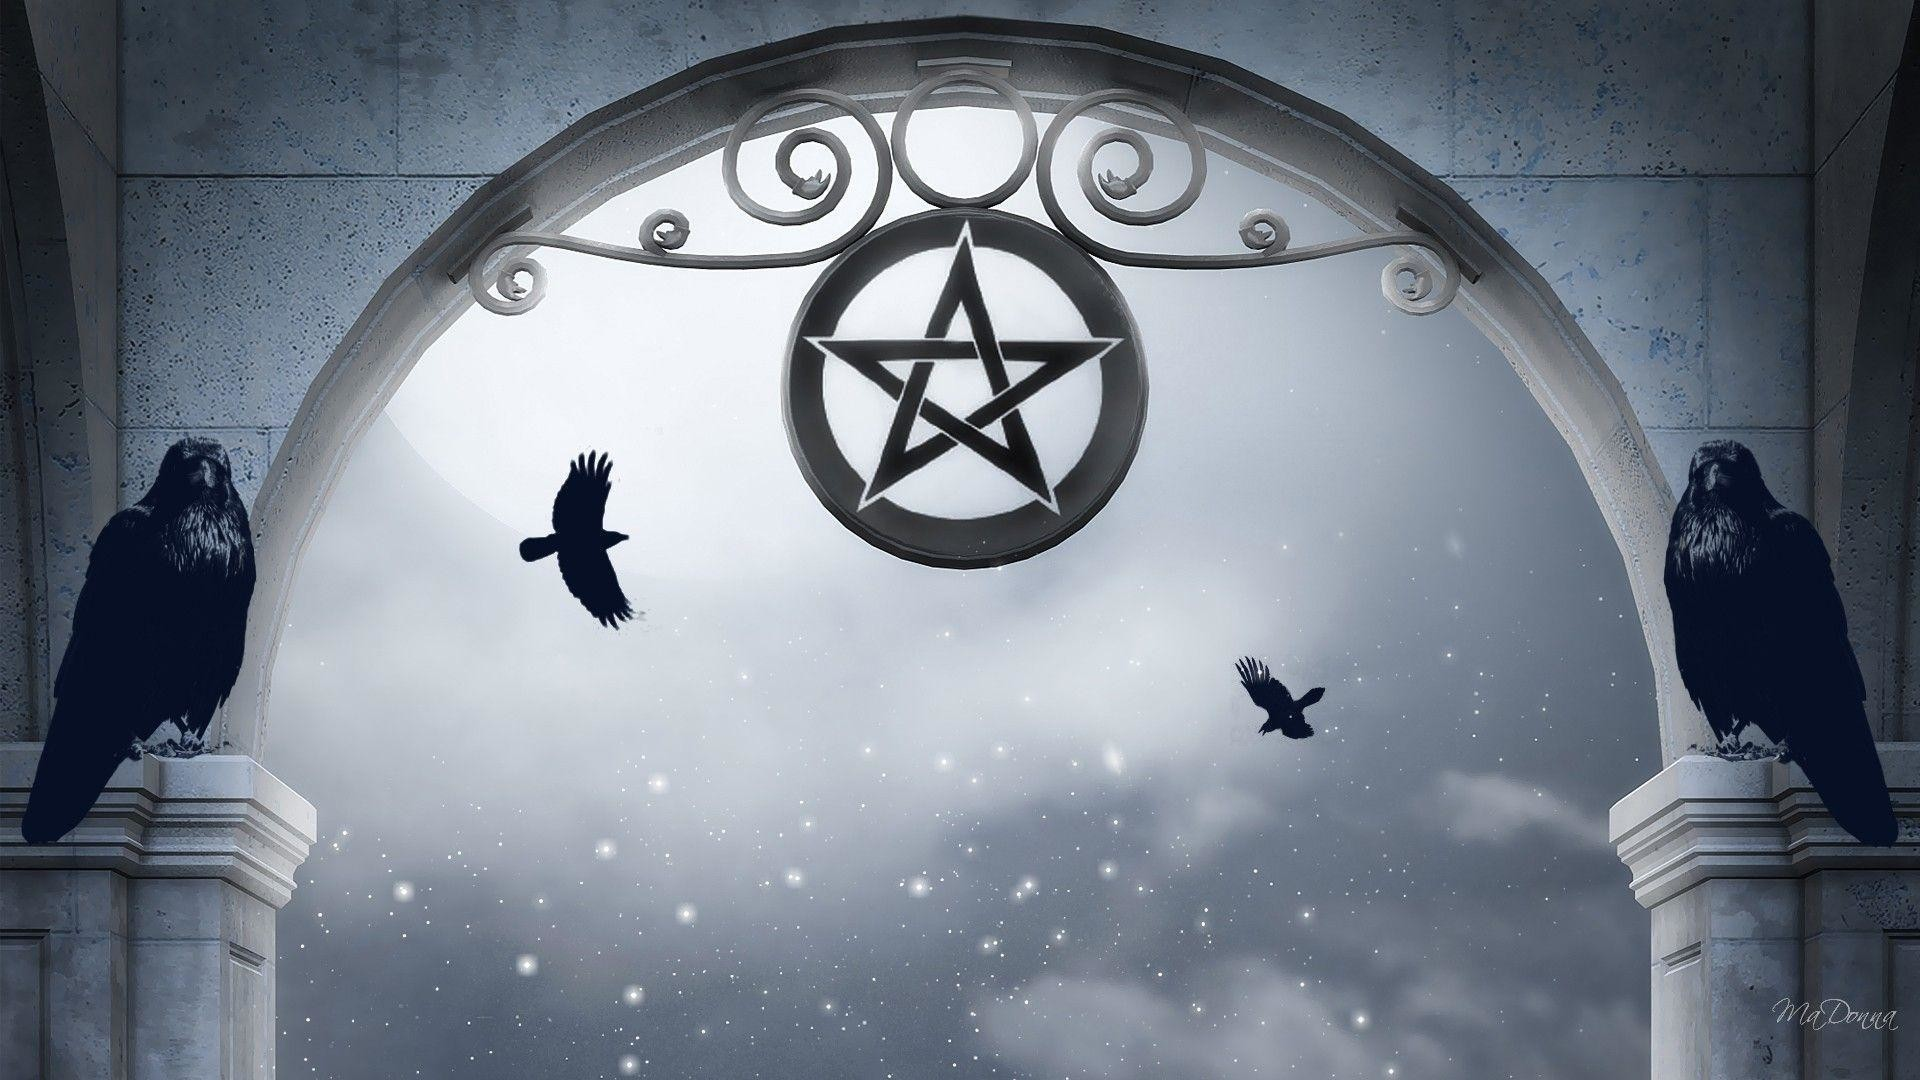 Wallpapers For > Pentagram Wallpaper